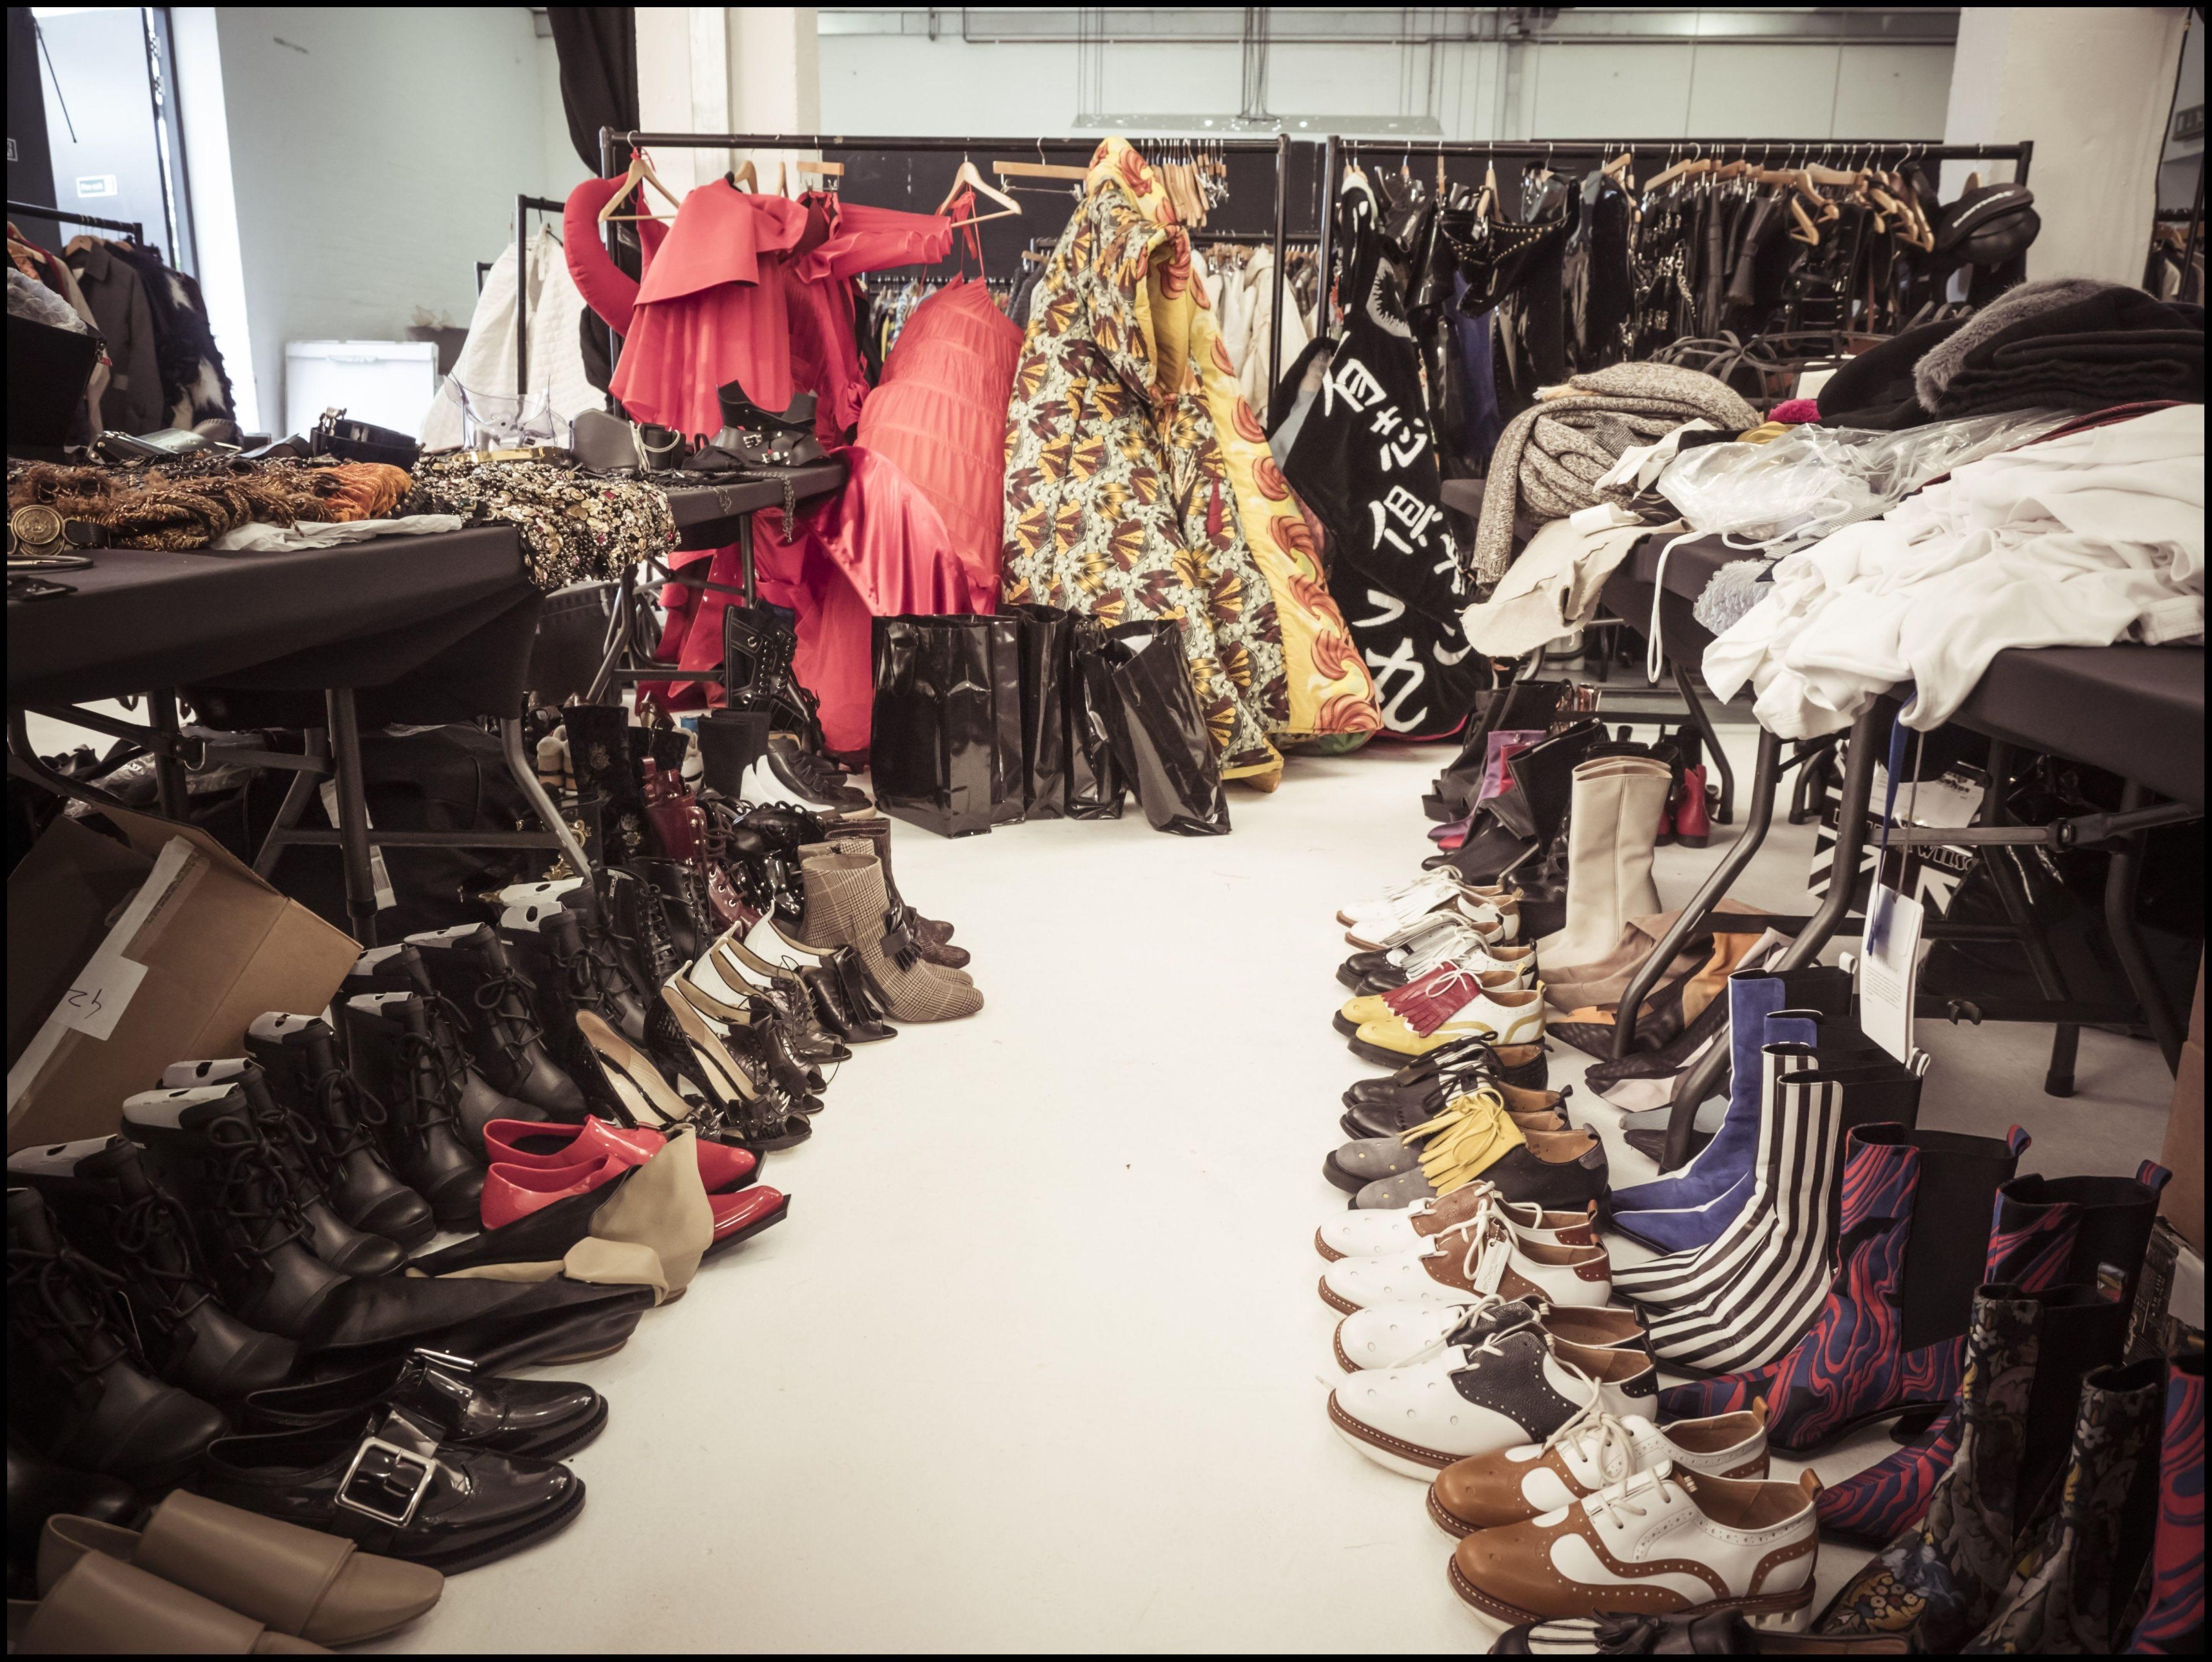 Boutique, Closet, Room, Fashion, Footwear, Textile, Dress, Shoe, Outlet store, Fashion design,